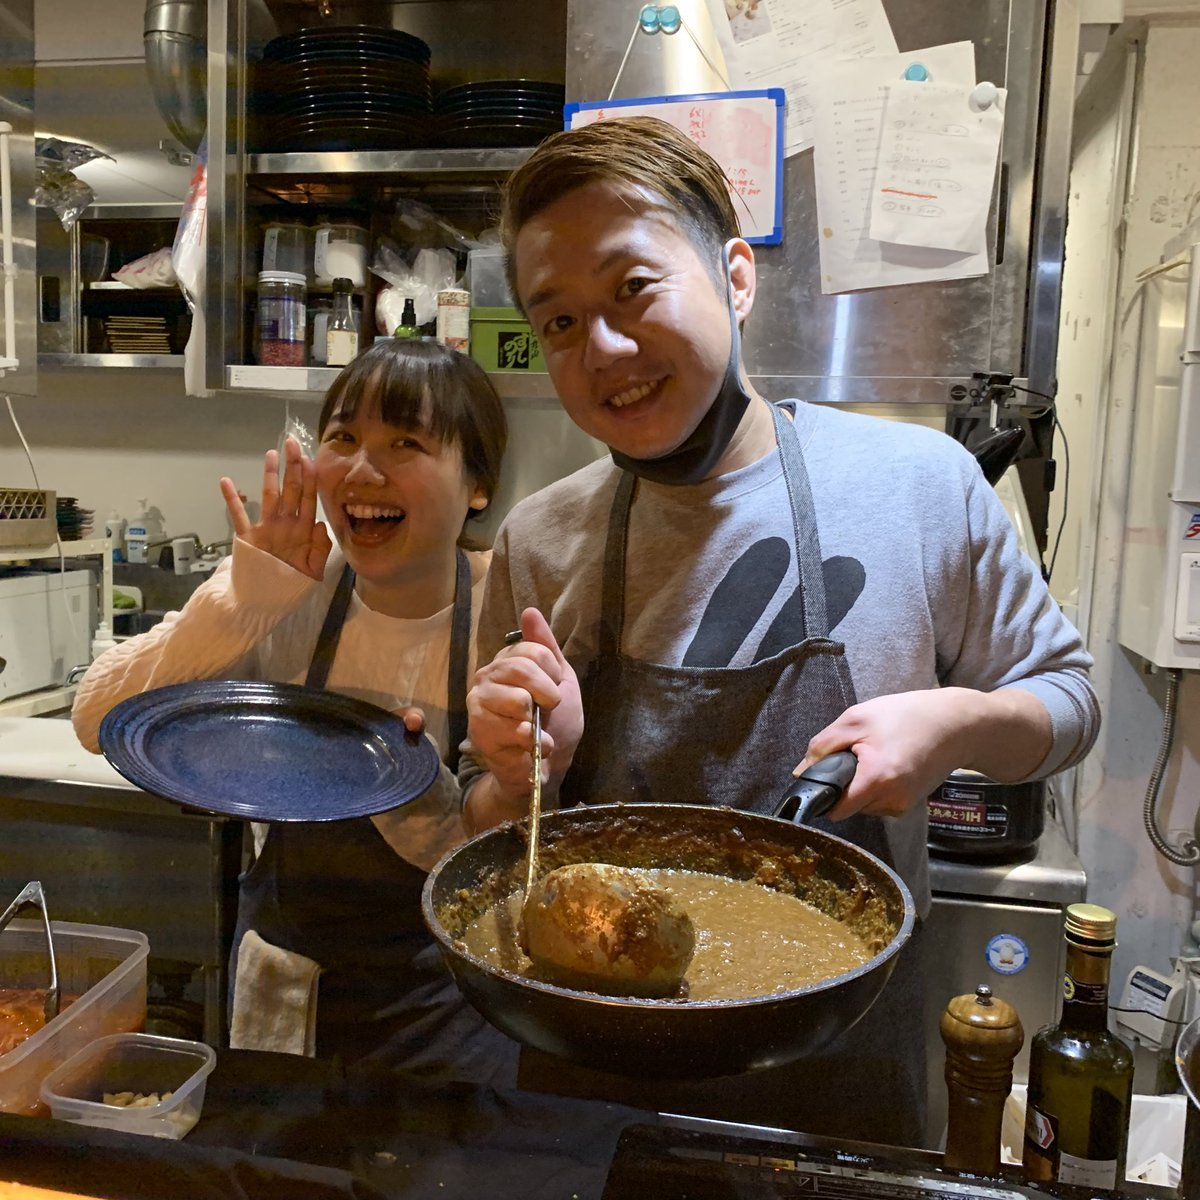 かもめんたる槙尾さんと、ハルカラのランチさんが働いてる赤坂カリガリへ。スパイシーなカレーで好きなやつでした🍛写真の夫婦感がすごい。